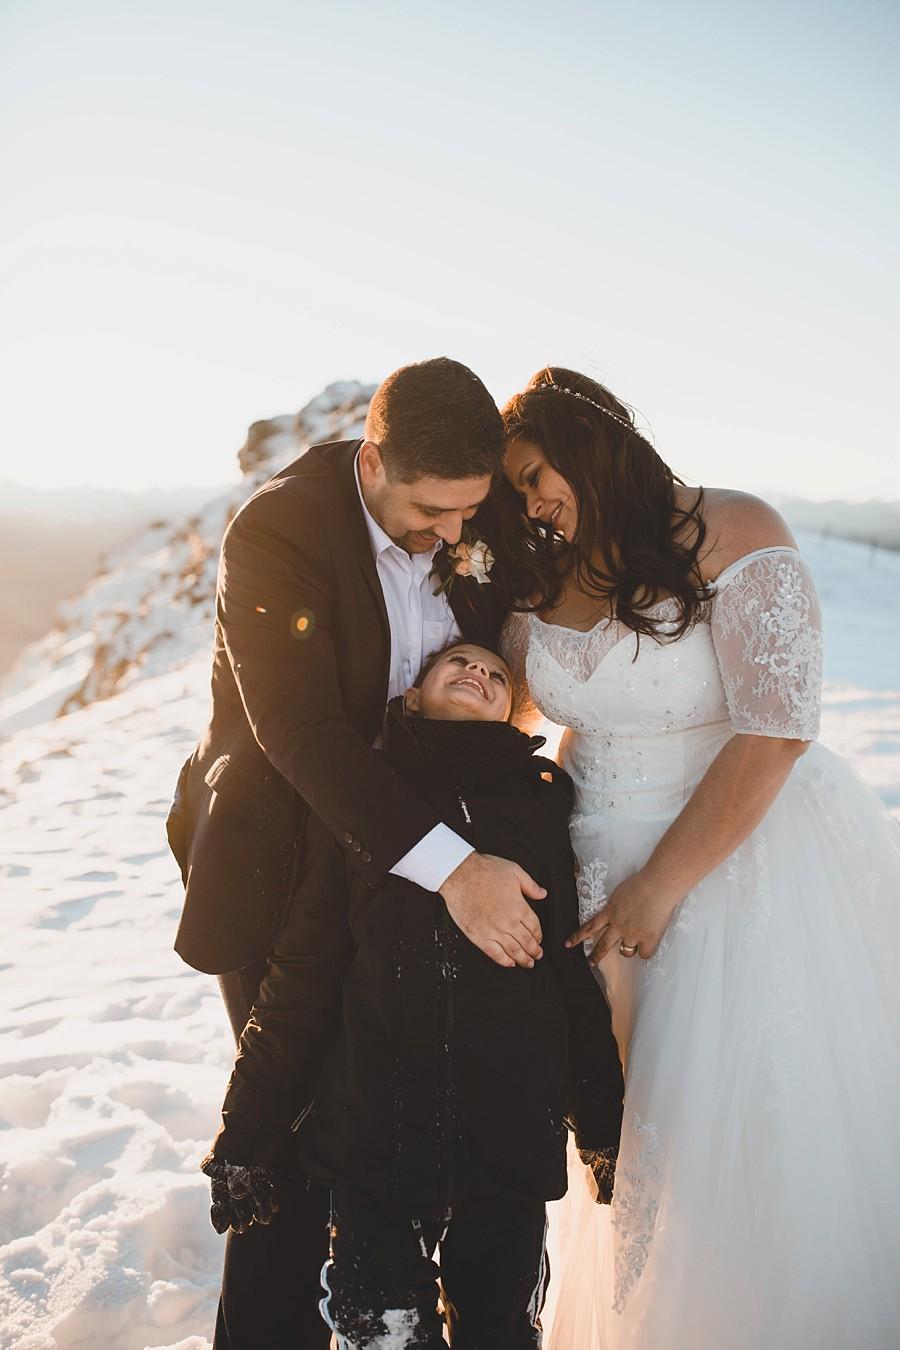 Queenstown Winter Heli Wedding